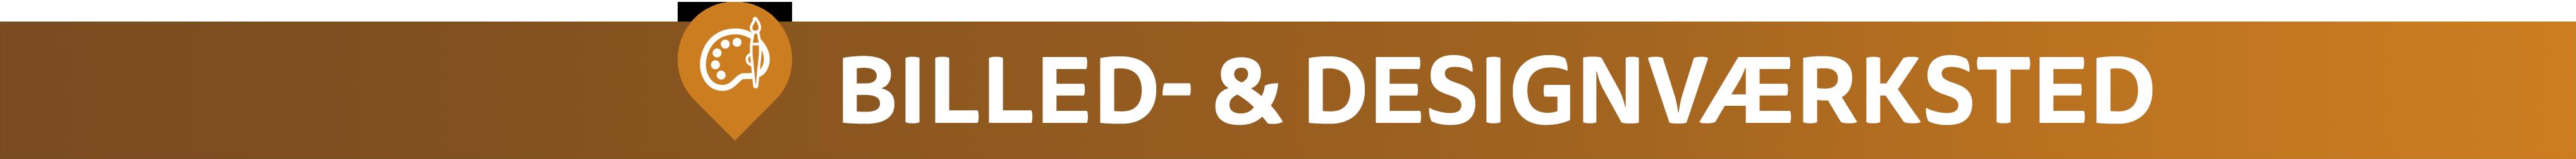 Desktop - Billede- & Designværksted